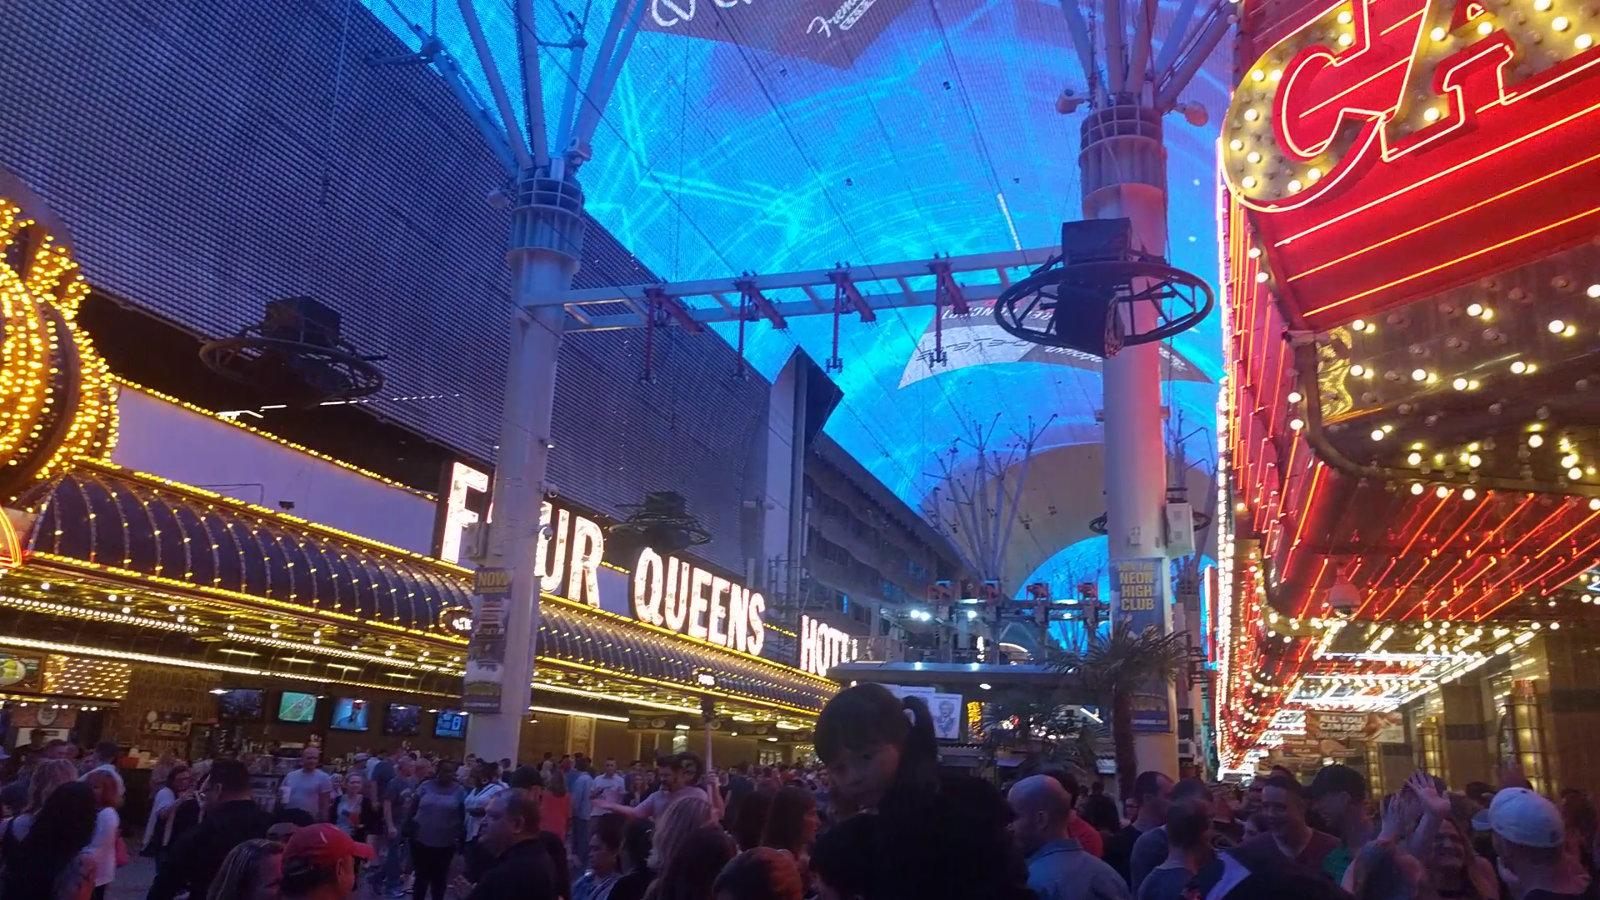 Viele Leute unter dem künstlichen blauen Himmel der Freemont-Street